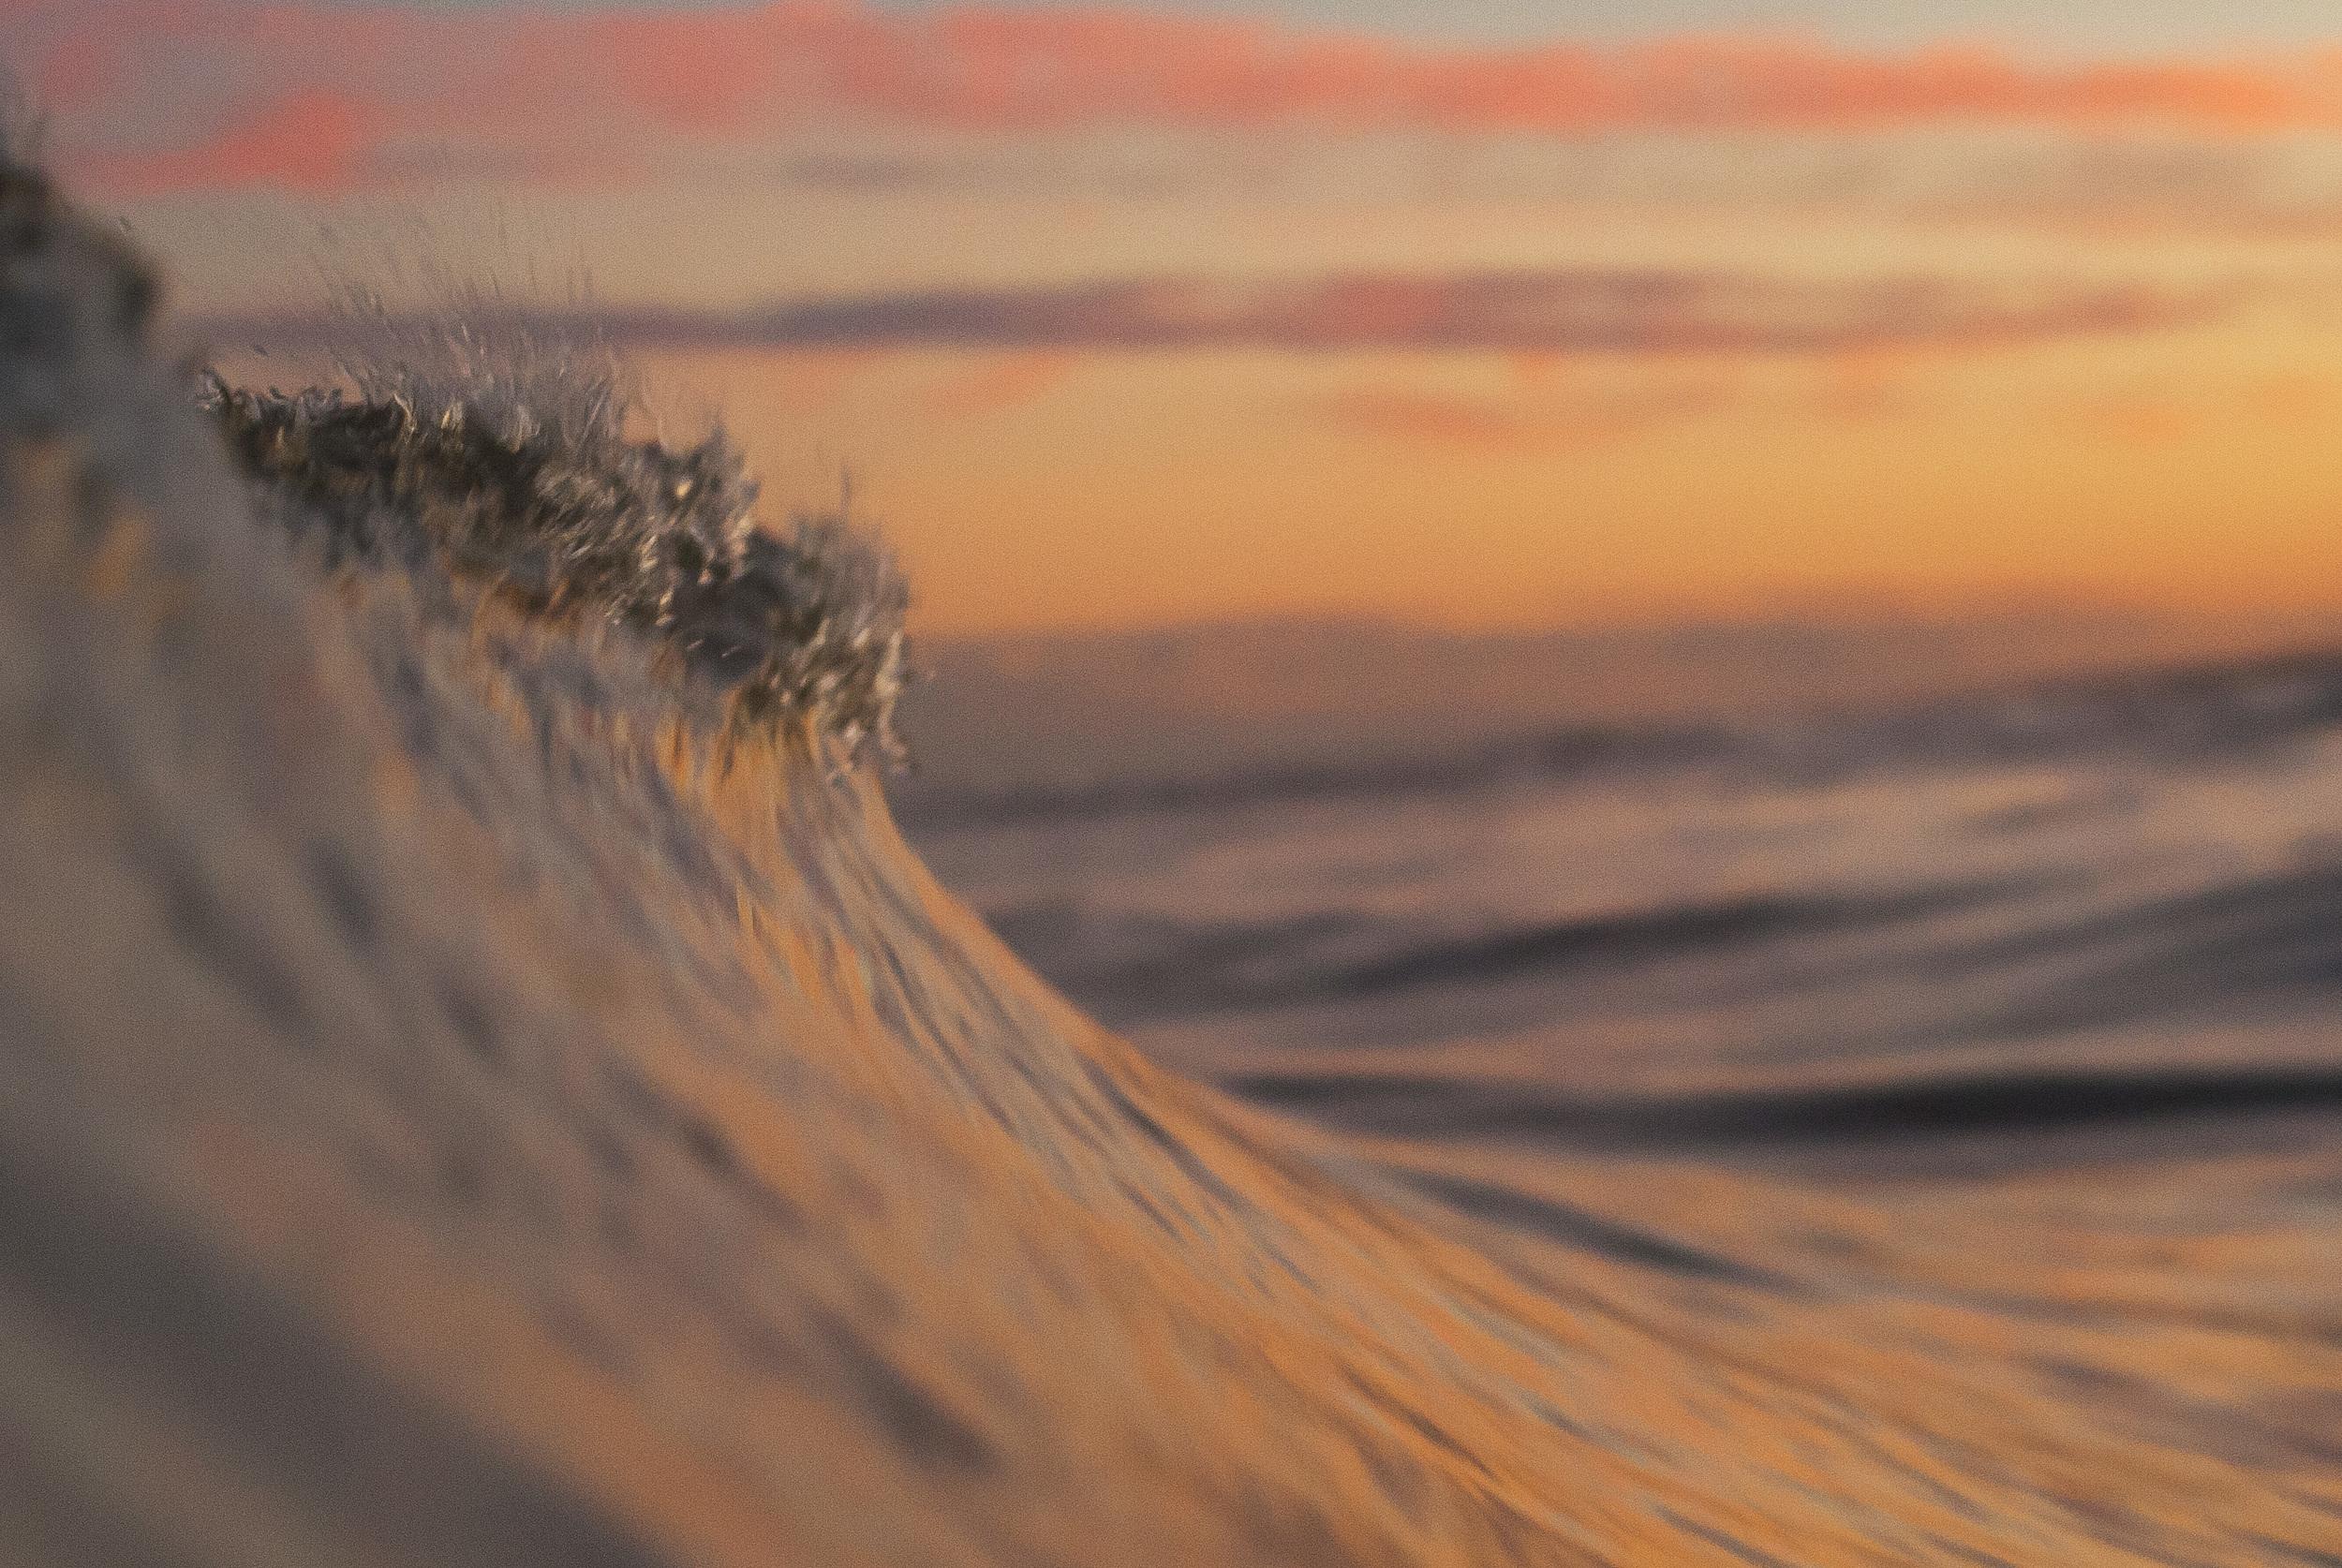 Sky meets ocean